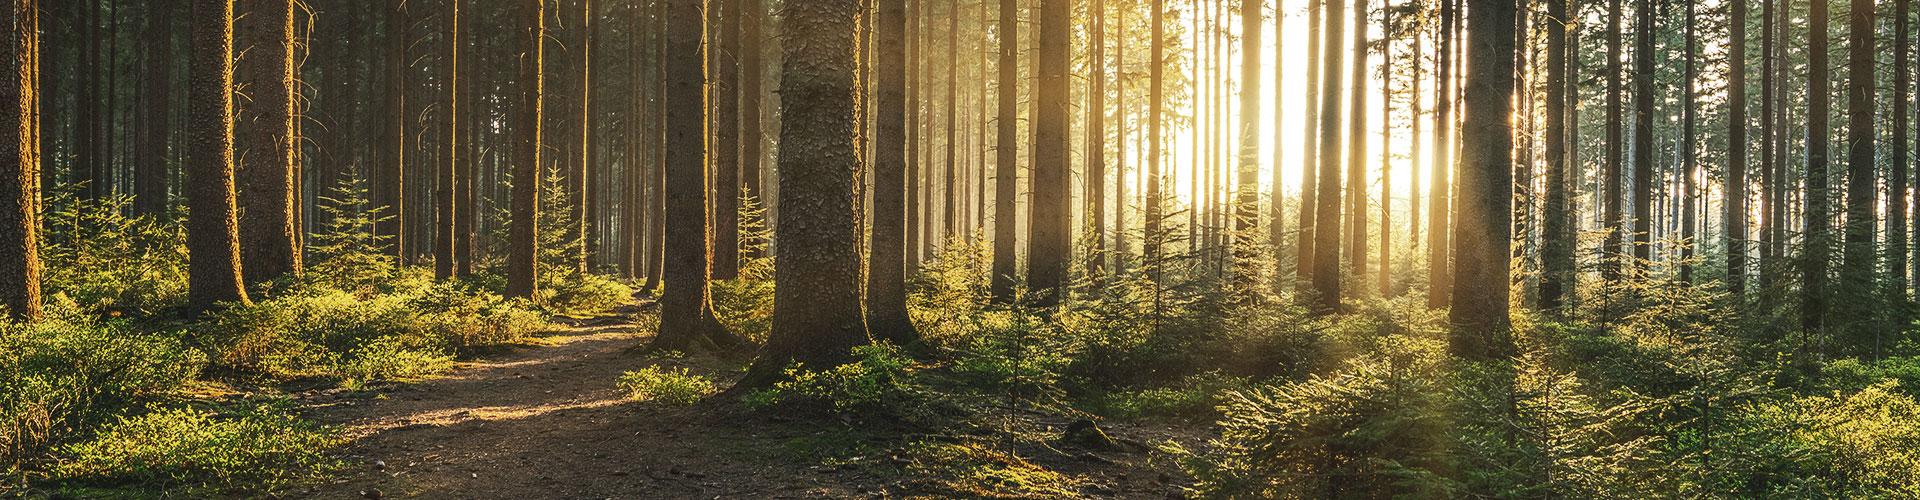 Tiefstehendes Sonnenlicht dringt durch einen Wald